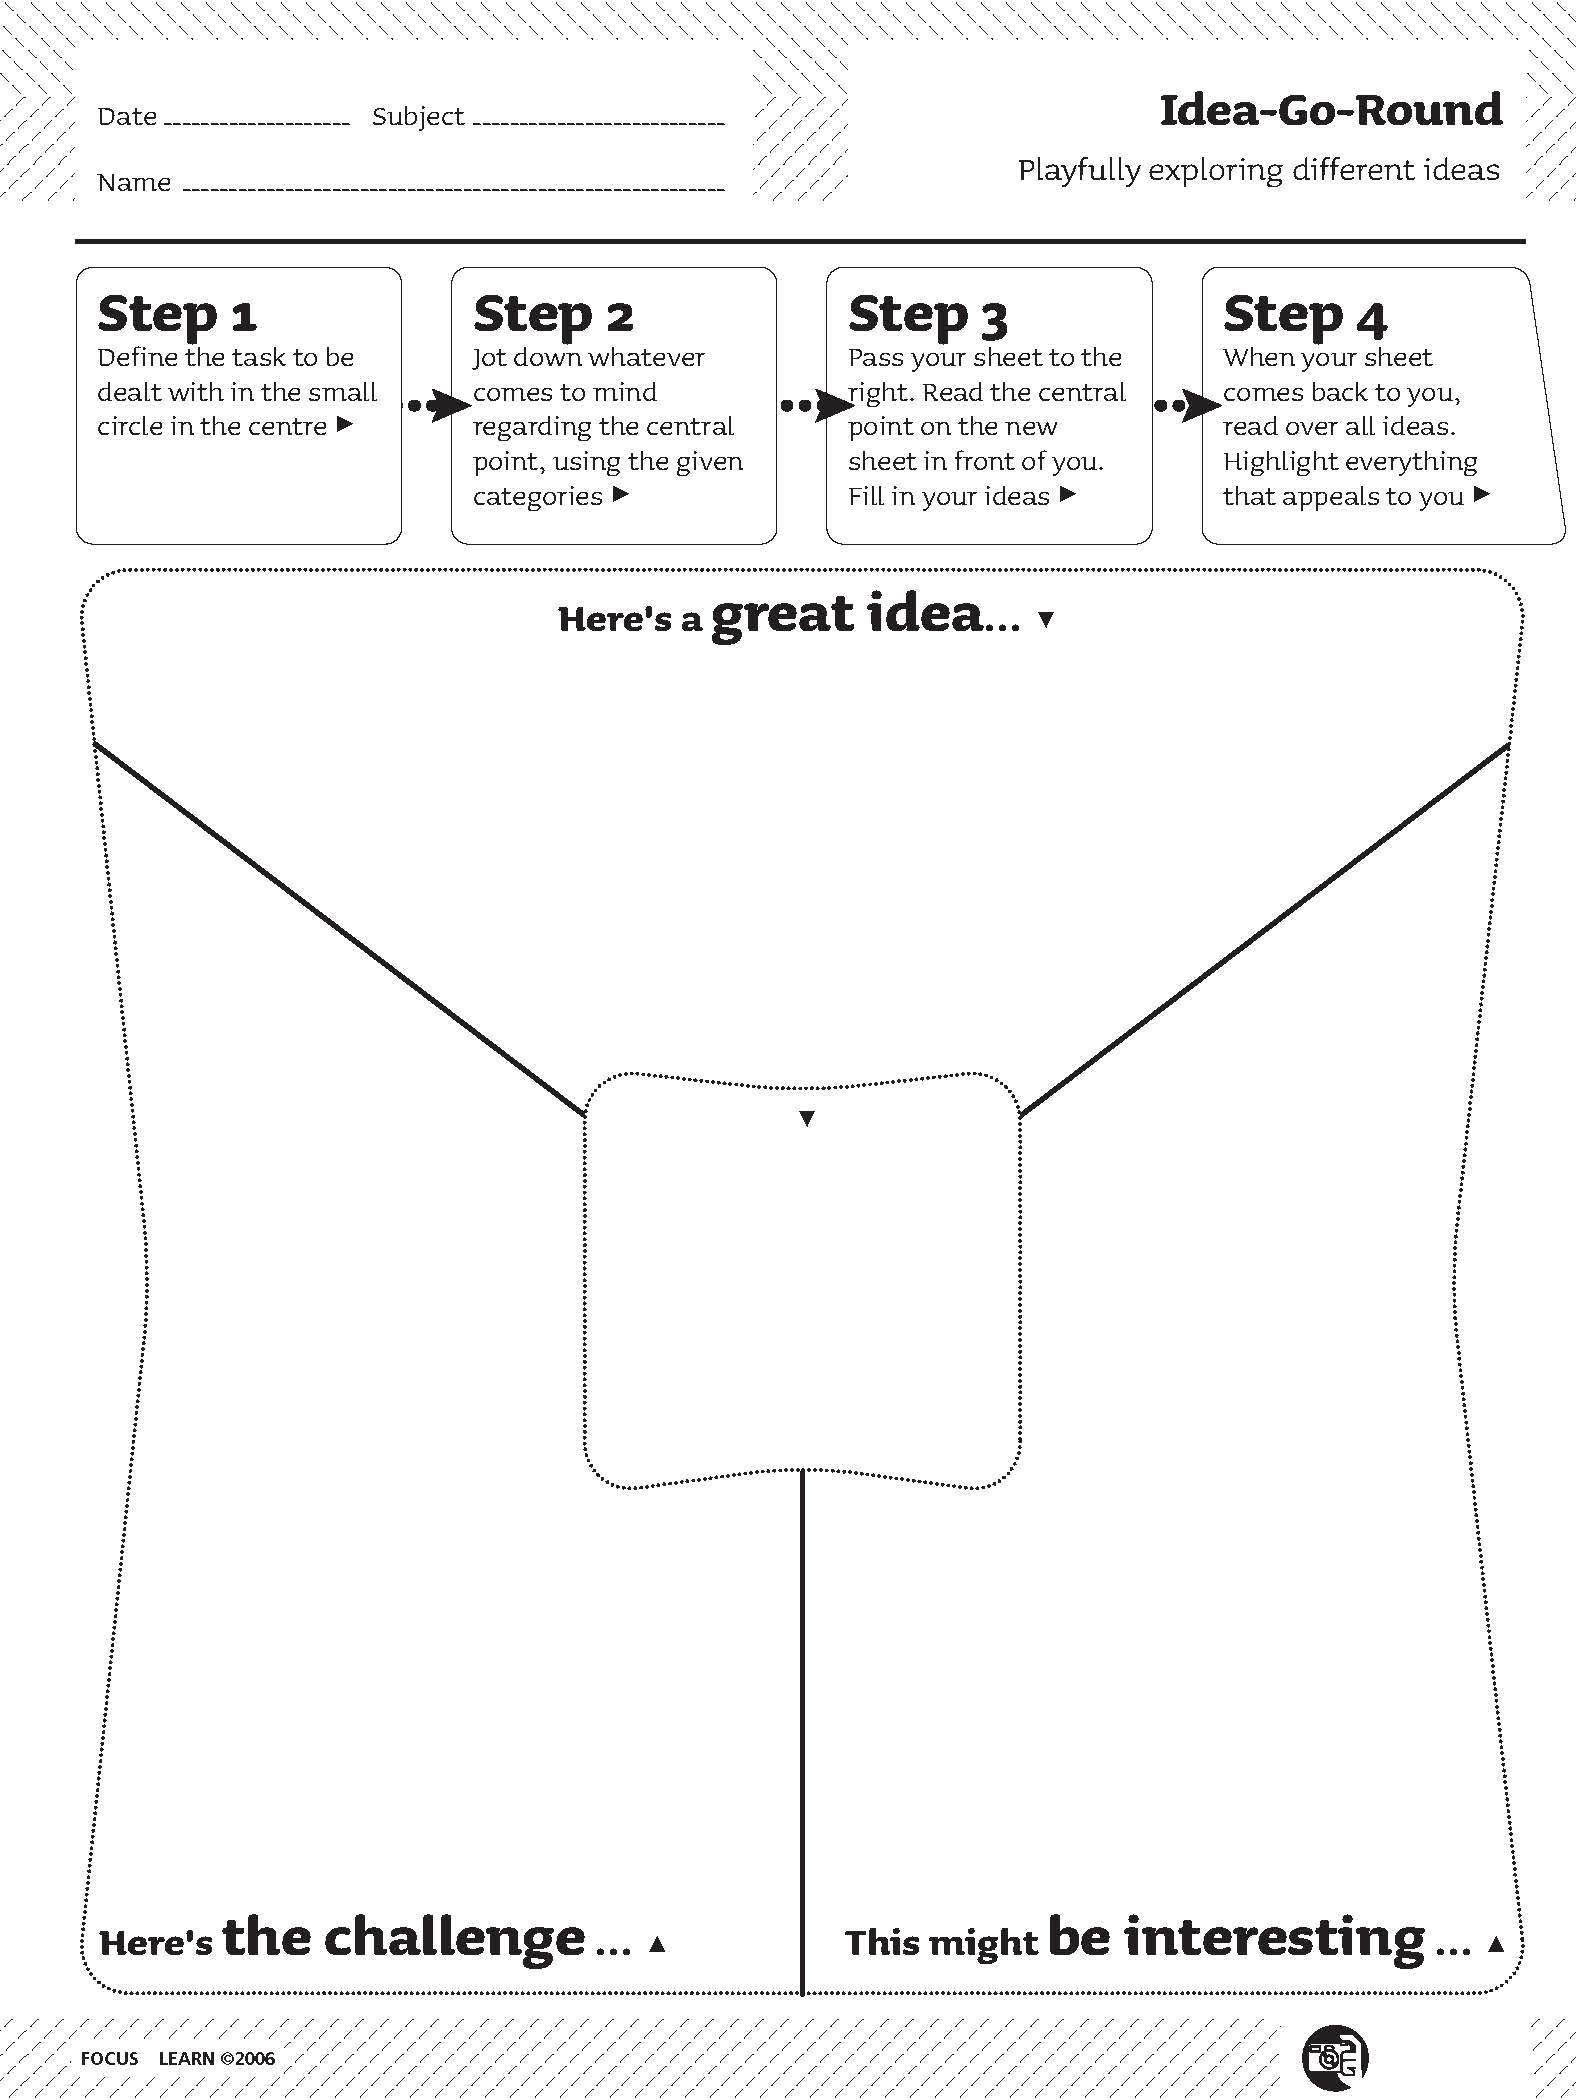 Idea-Go-Round